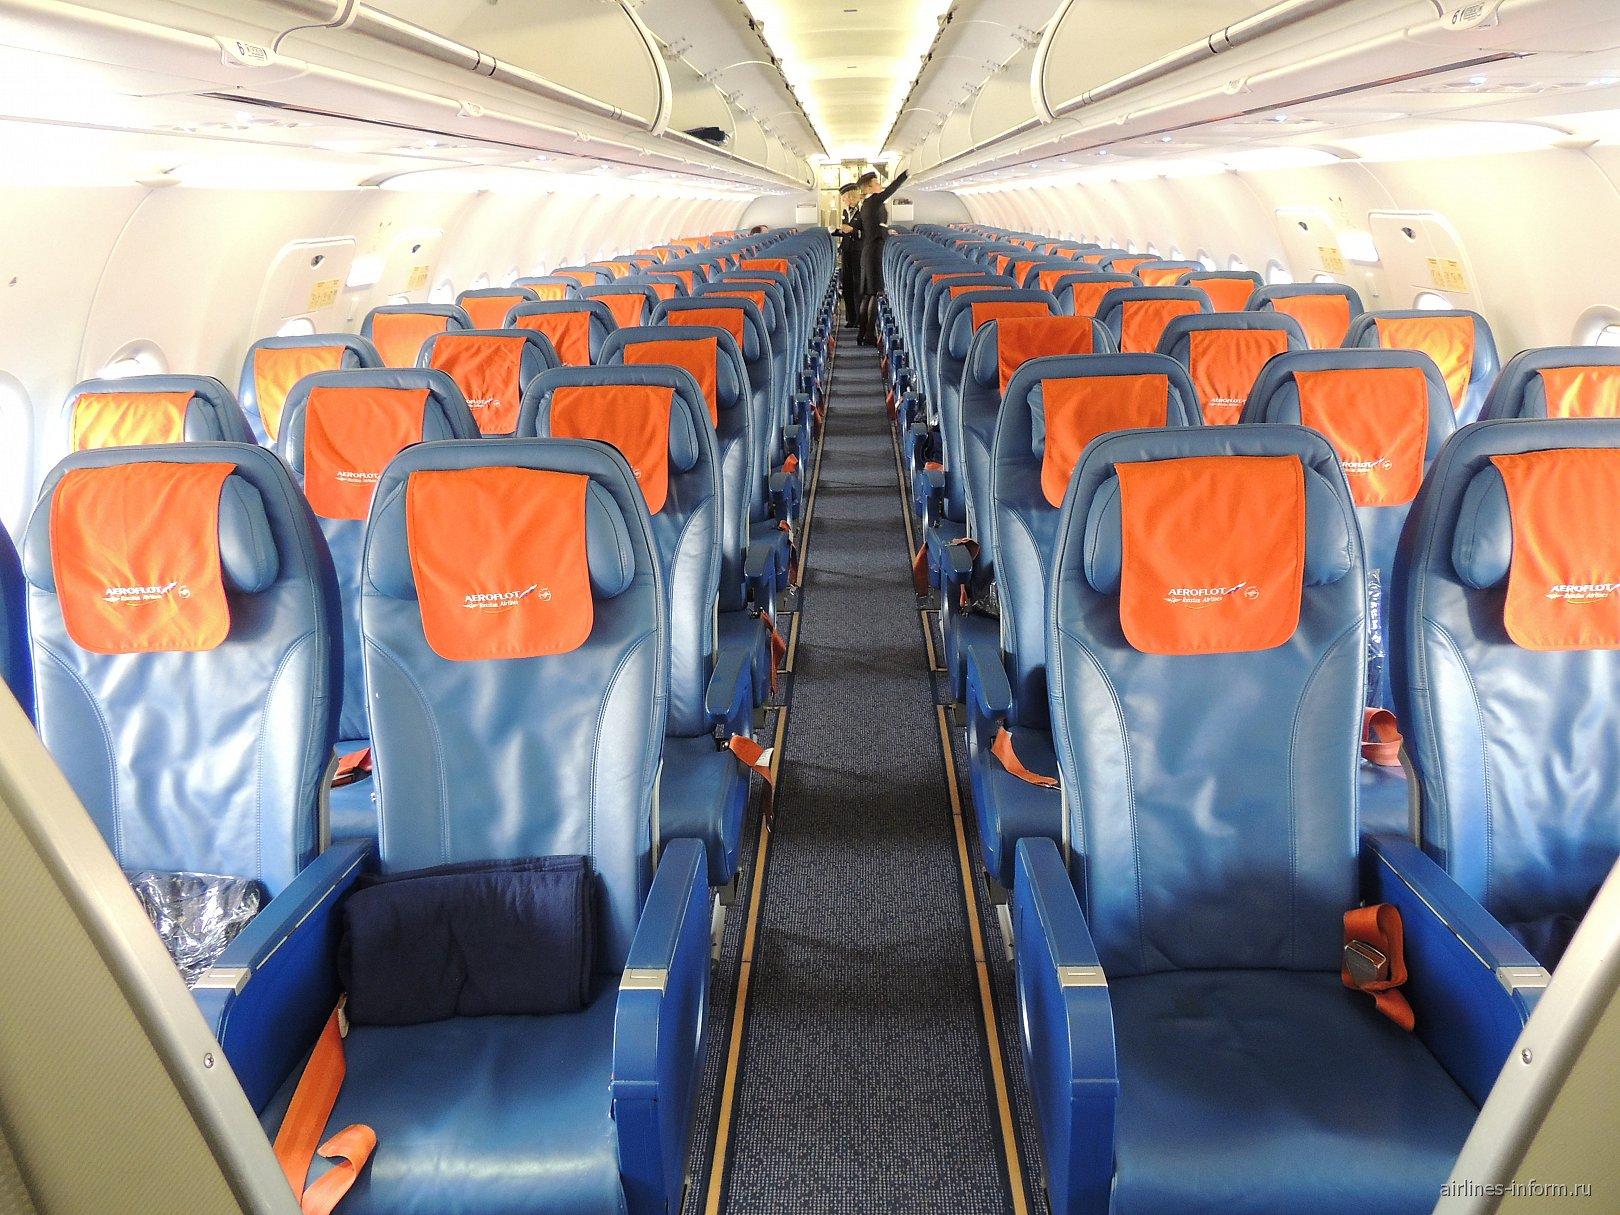 Салон эконом-класса в самолете Airbus A320 Аэрофлота